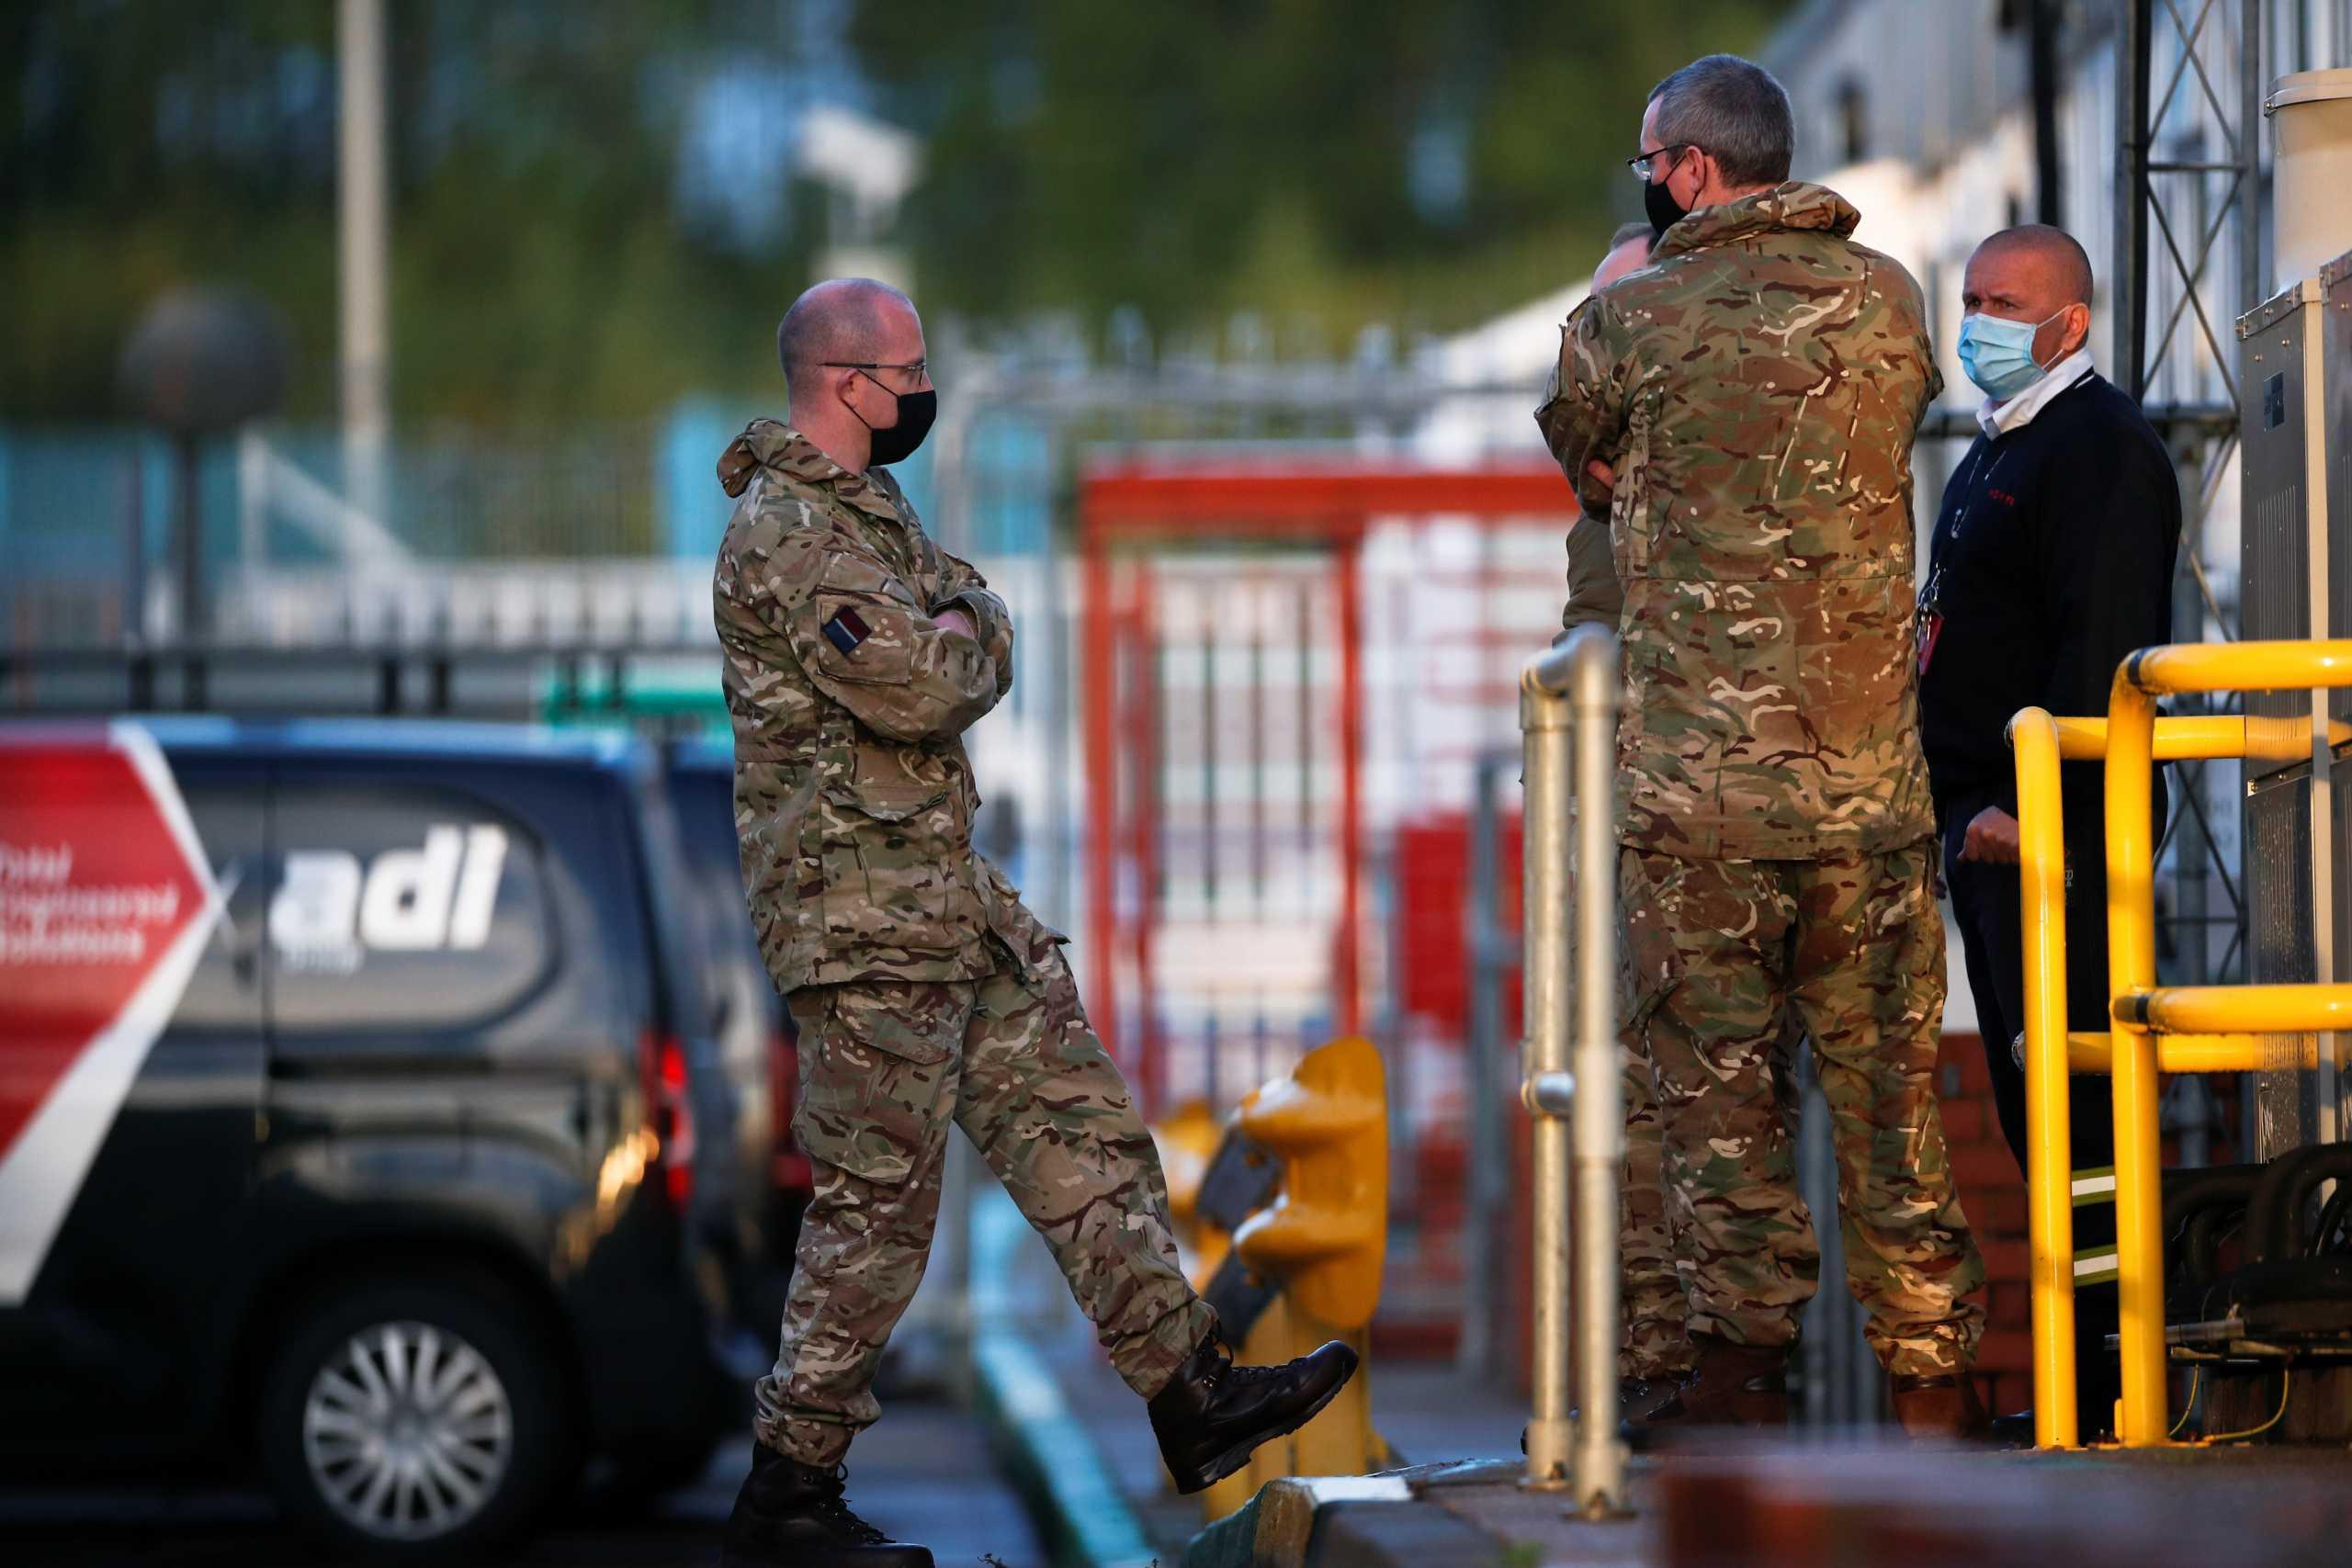 Βρετανία – καύσιμα: Βγήκε ο στρατός στους δρόμους και άρχισε η διανομή